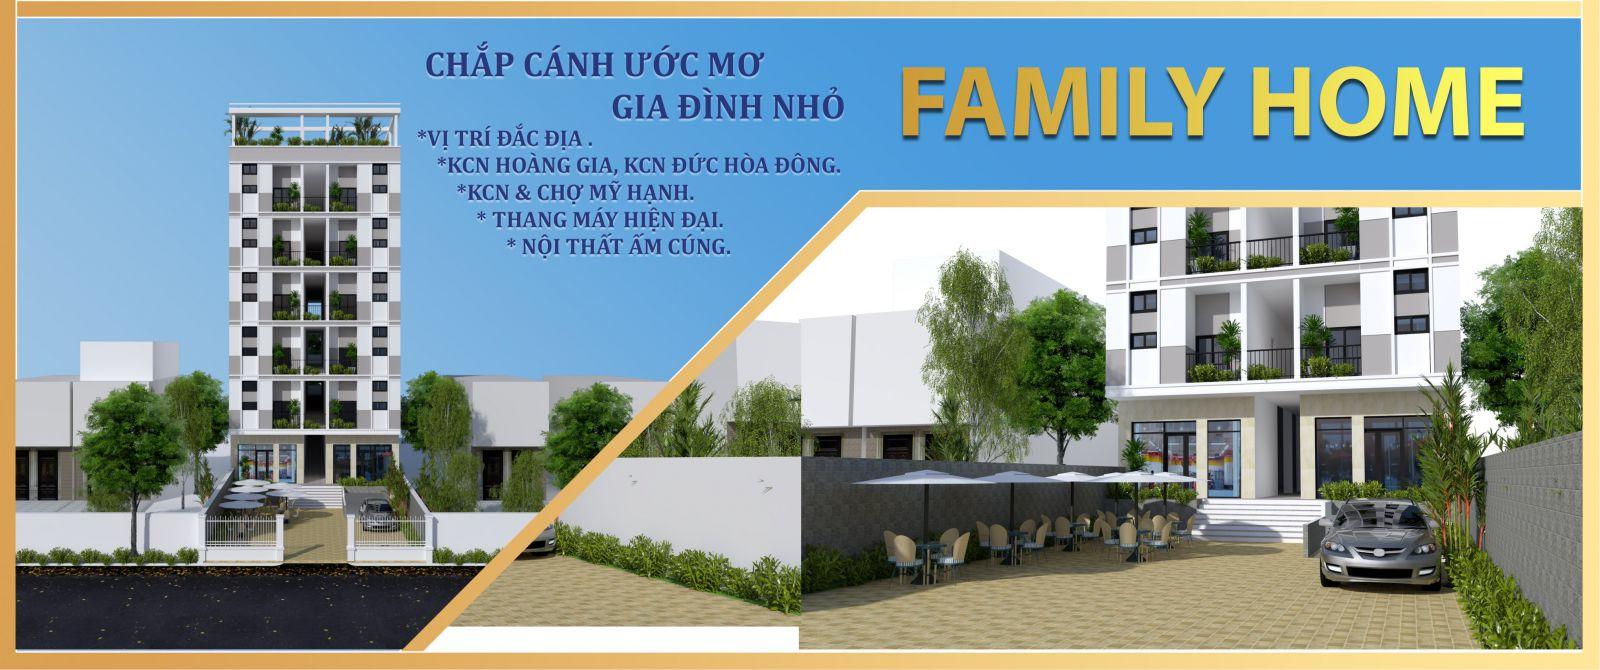 mô hình tổng thể căn hộ family home